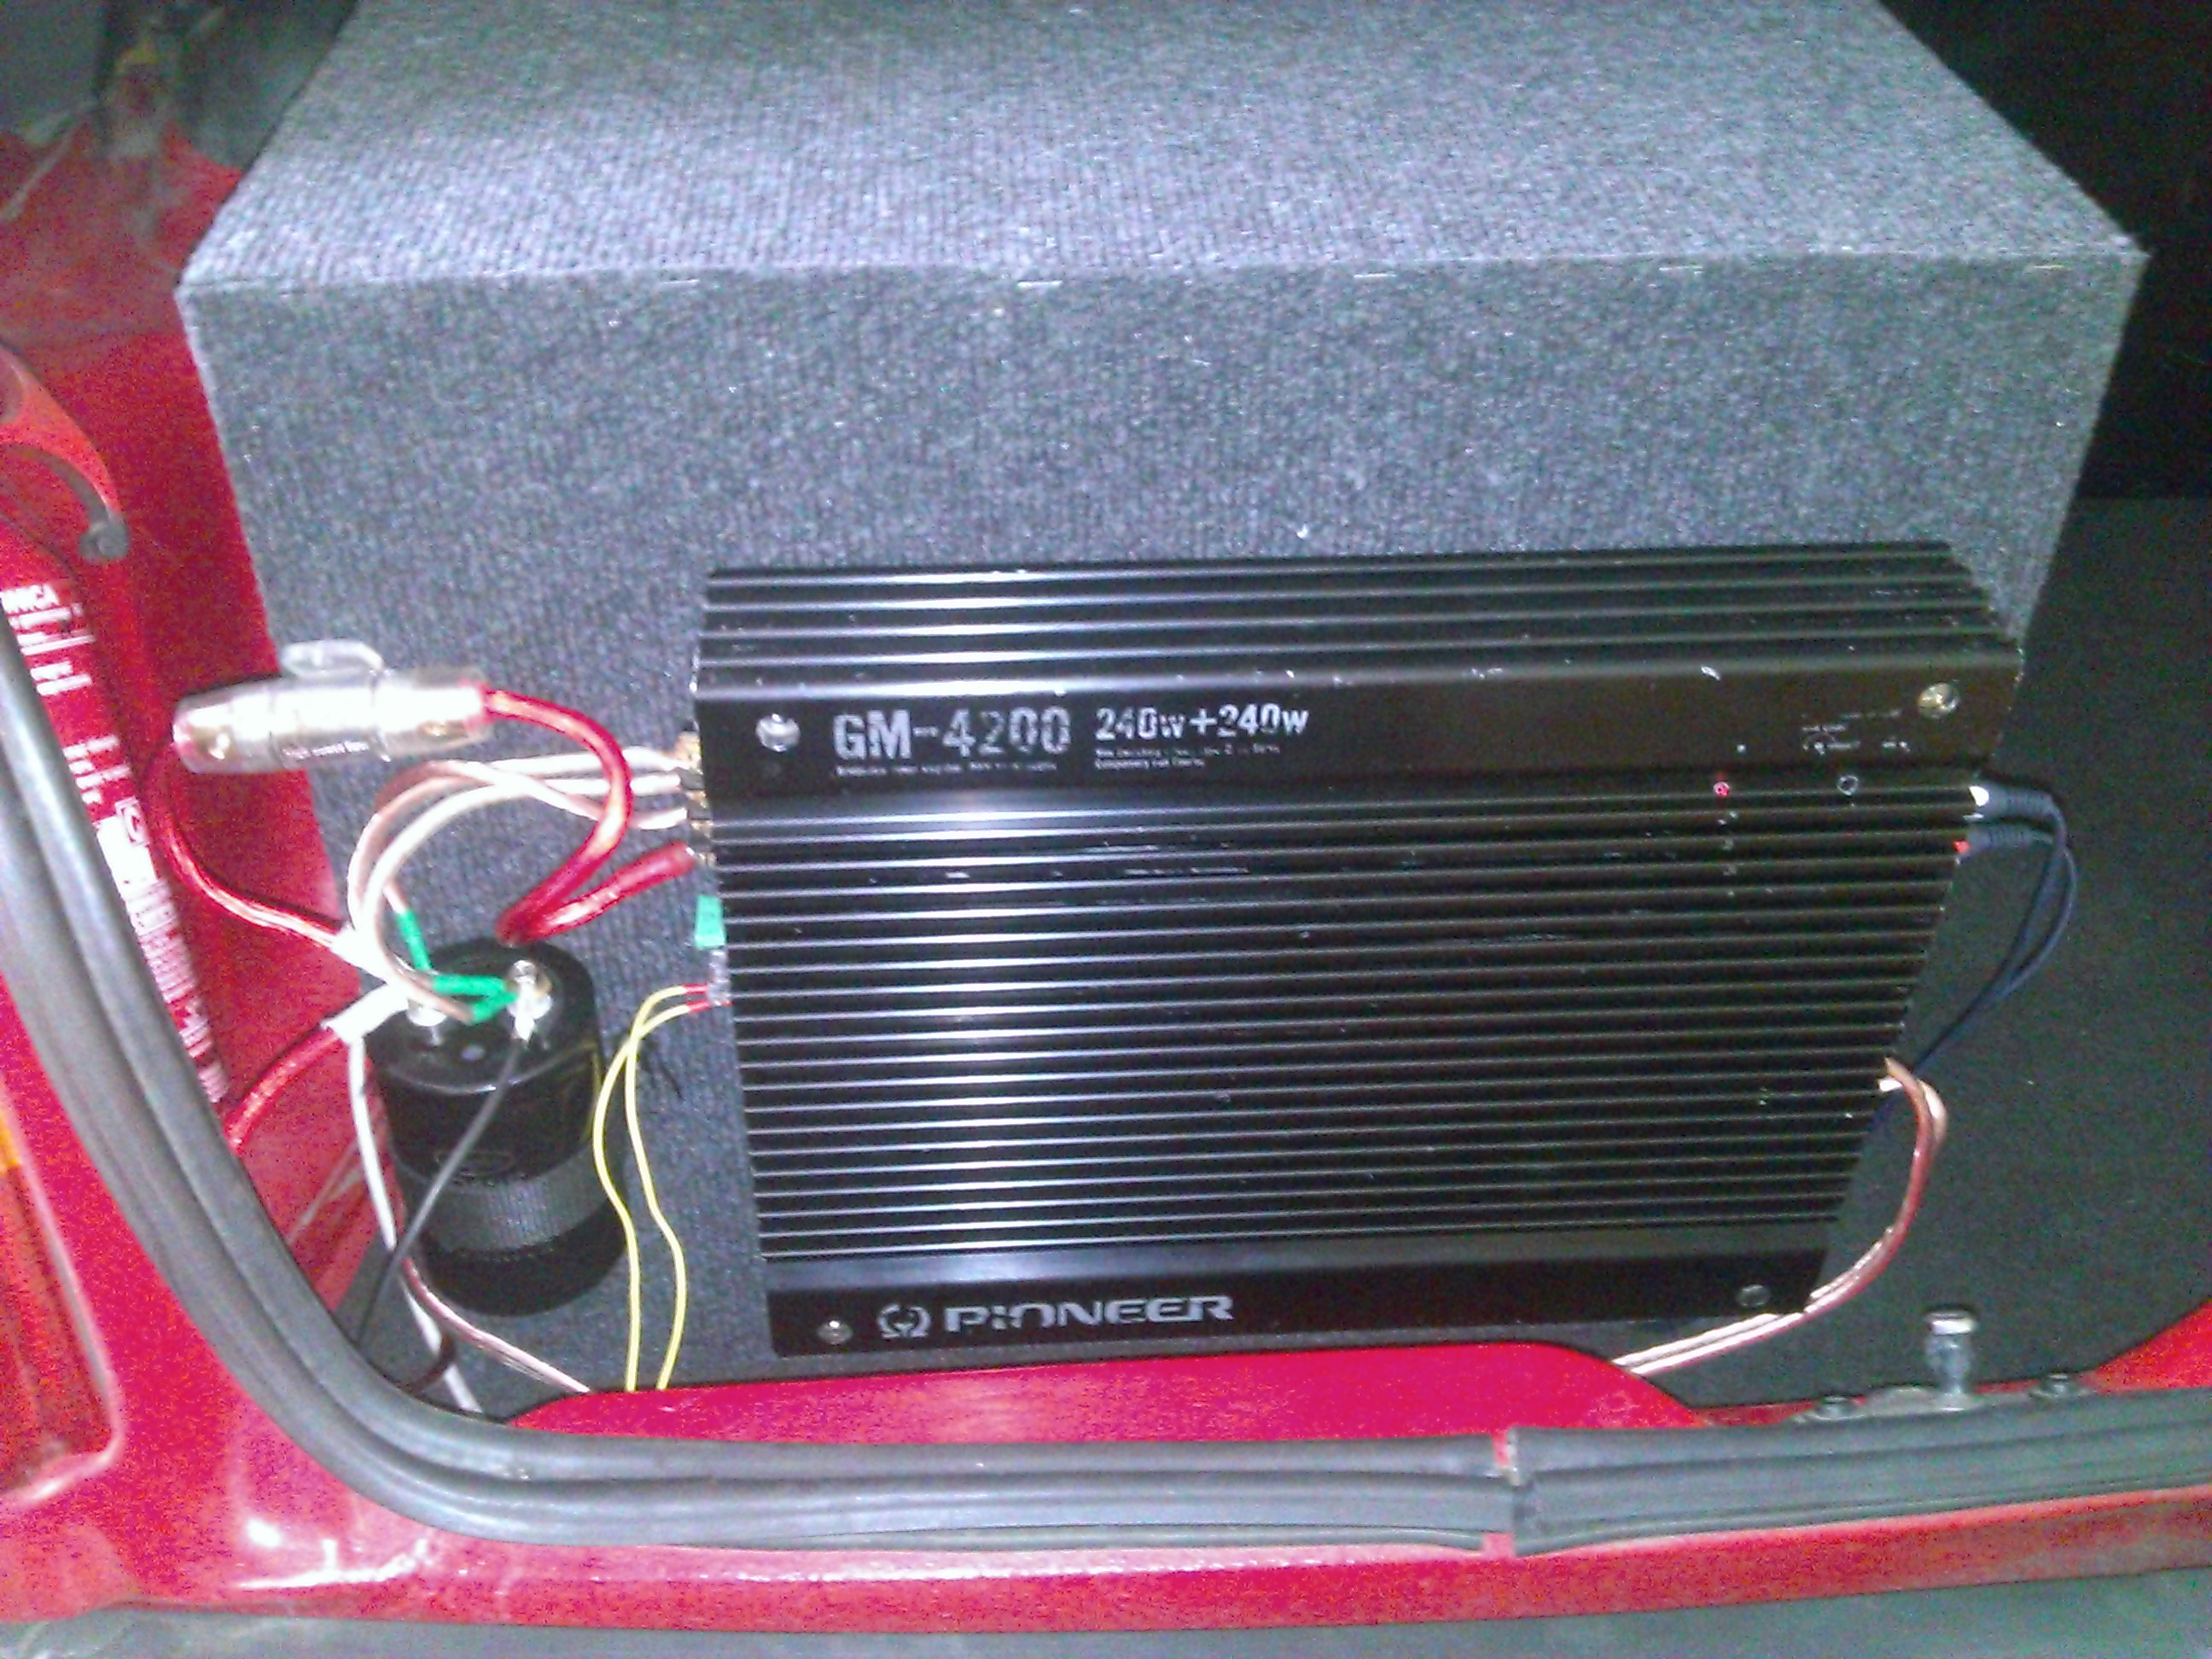 [Sprzedam] Pioneer GM- 4200 1x320W RMS 4OHm